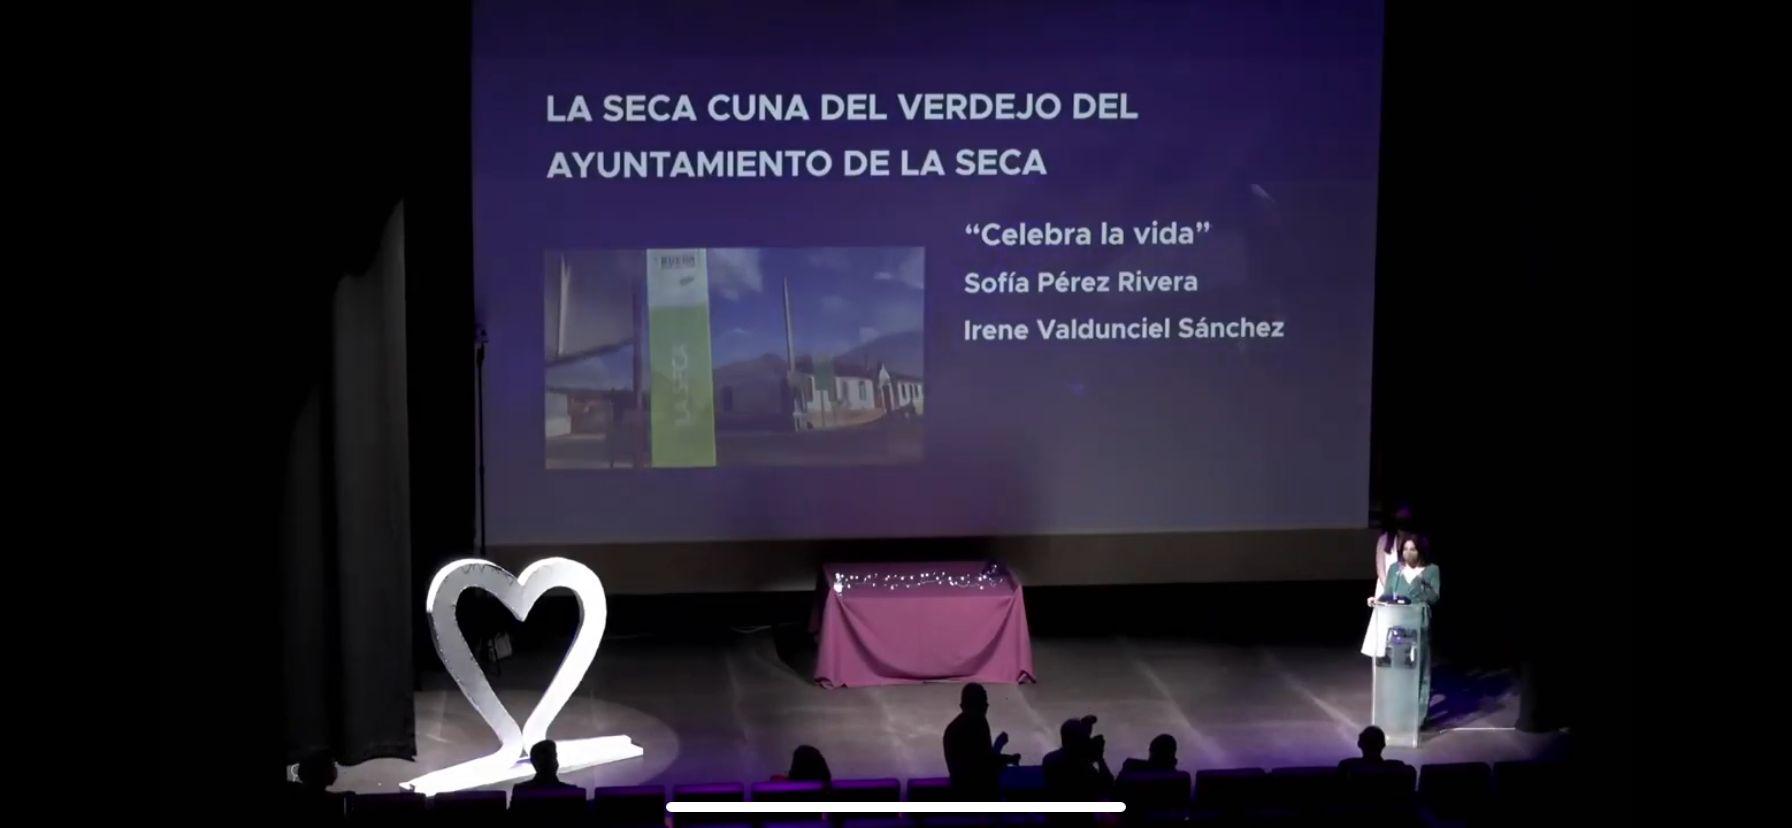 """""""Celebra la Vida"""" spot ganador en el XIII Festival Publicatessen de la Universidad de Valladolid, Campus de Segovia, de la categoría audiovisual """"La Seca cuna del verdejo"""""""